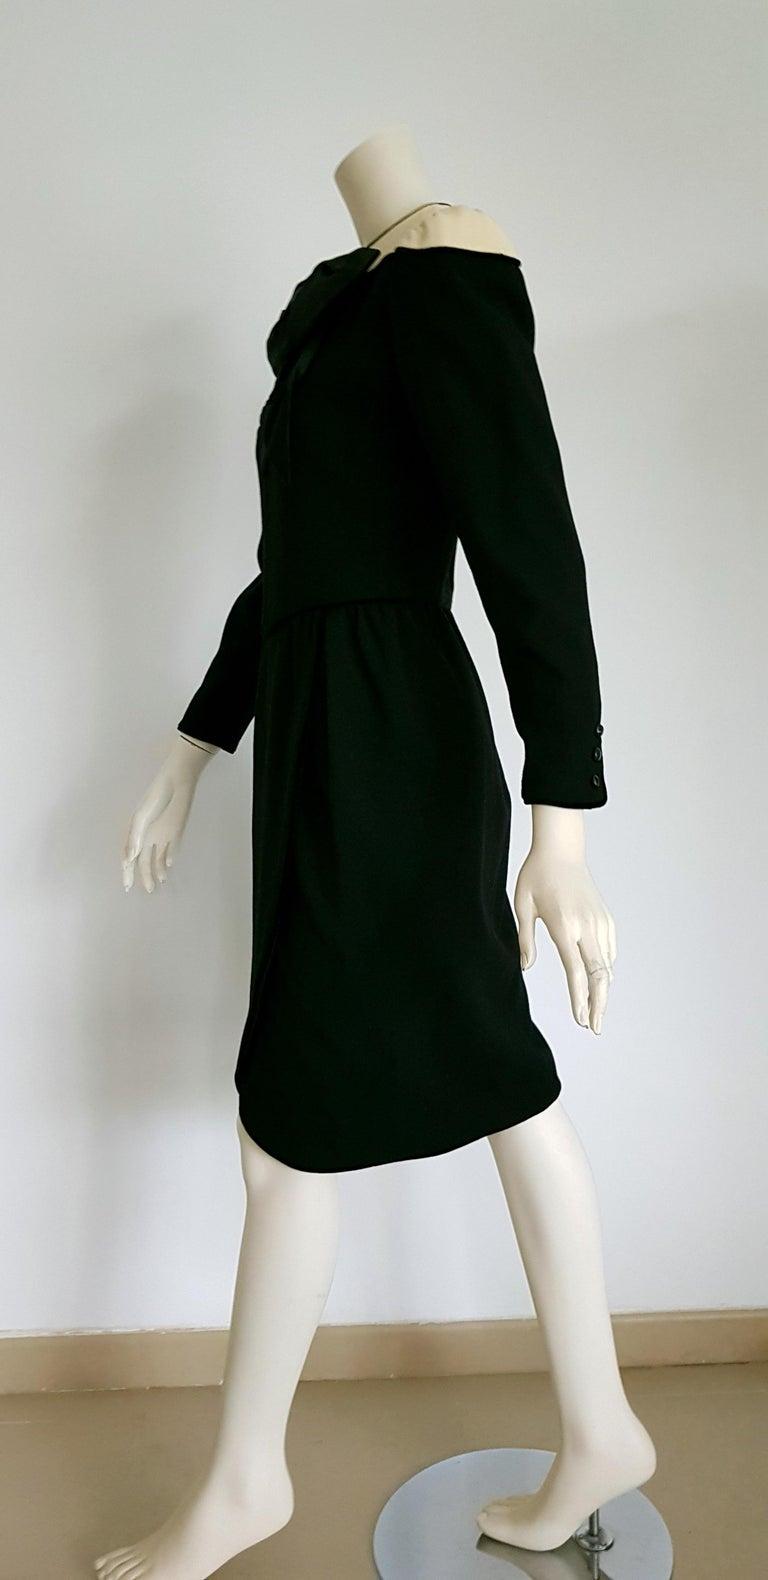 b716104b6e84c0 VALENTINO Schwarzes Wolle Crêpe Seiden Samt Kleid mit Weißen Schultern,  Ungetragen 3